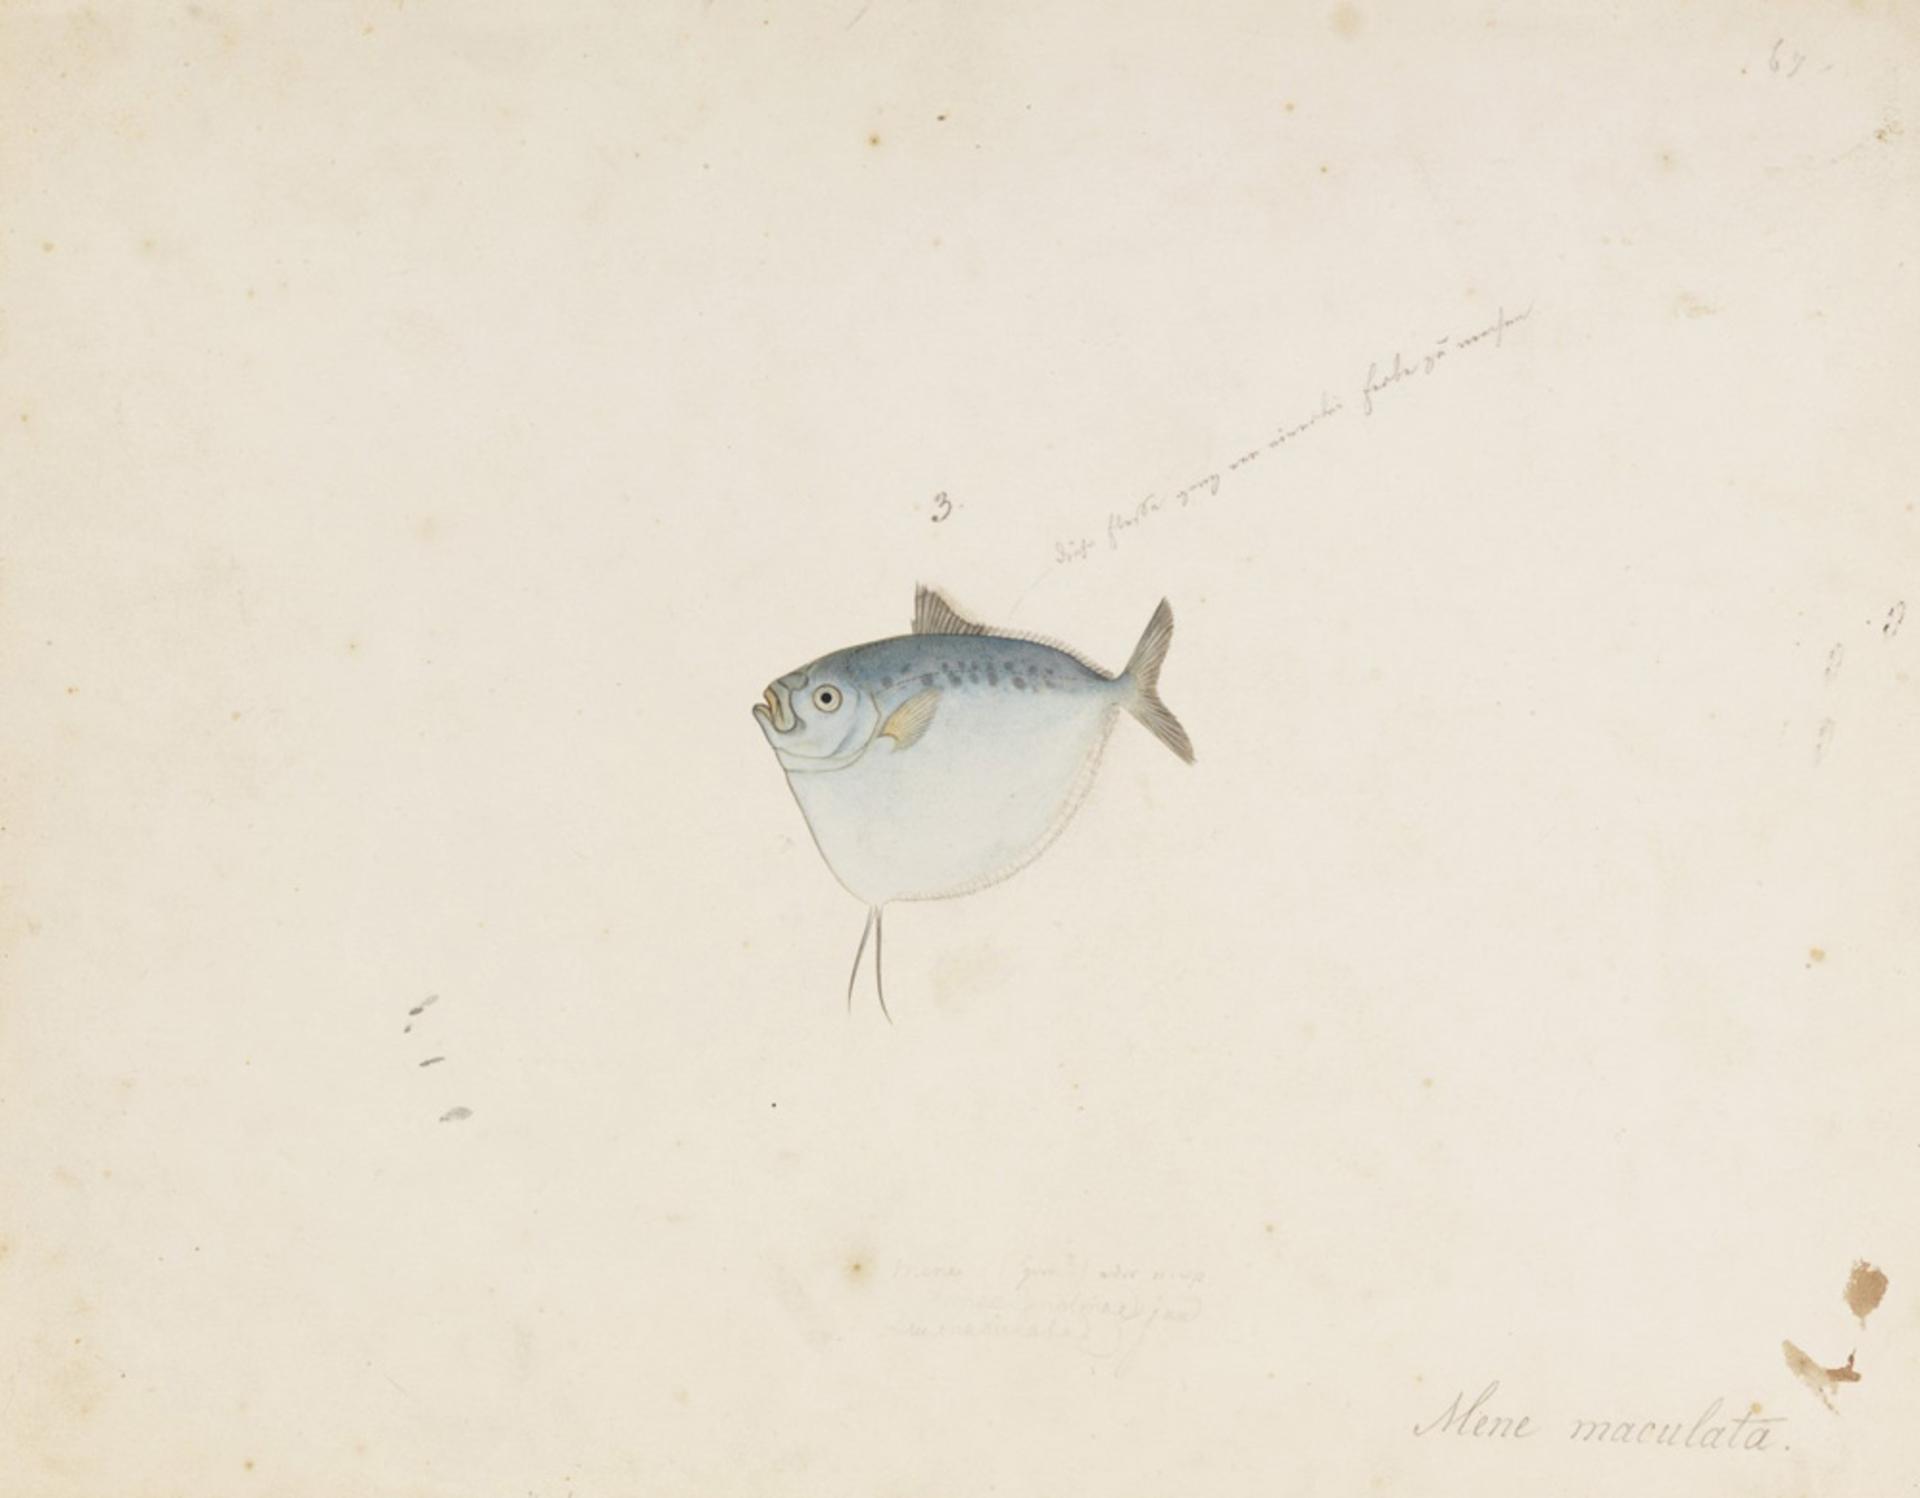 RMNH.ART.650   Mene maculata